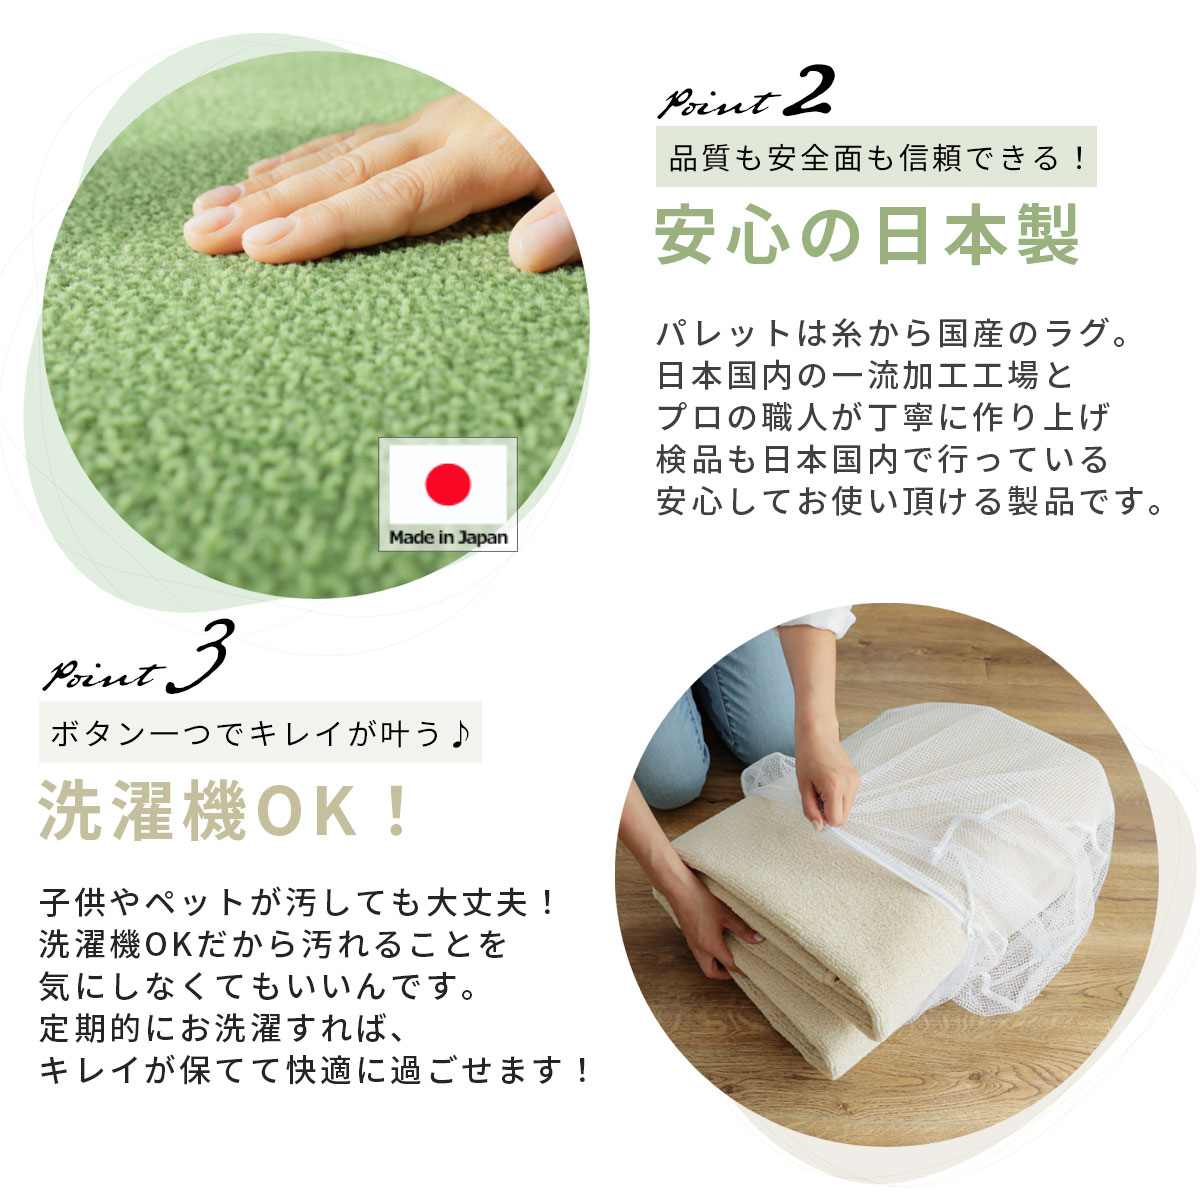 パレット 安心の日本製・洗濯OK